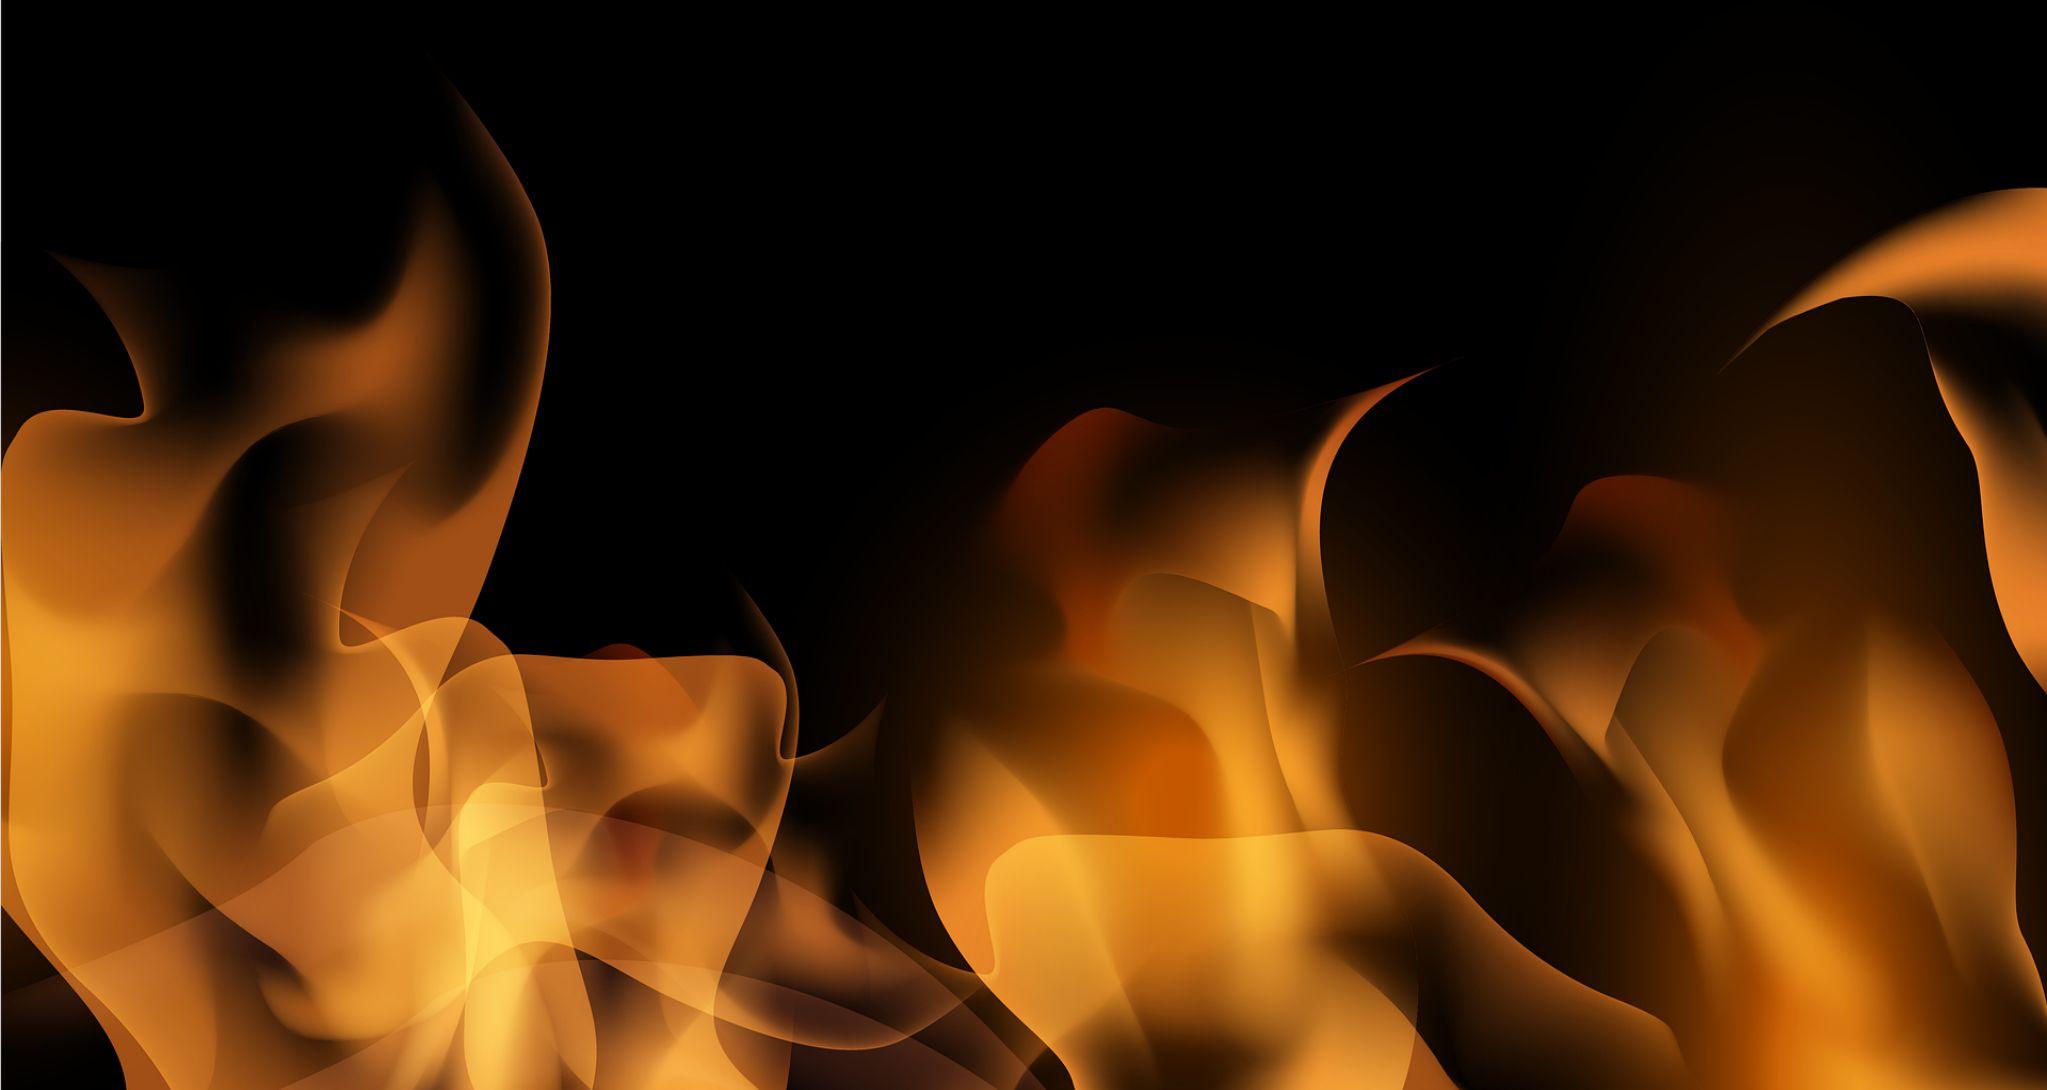 Aquest foc sí que ens agrada